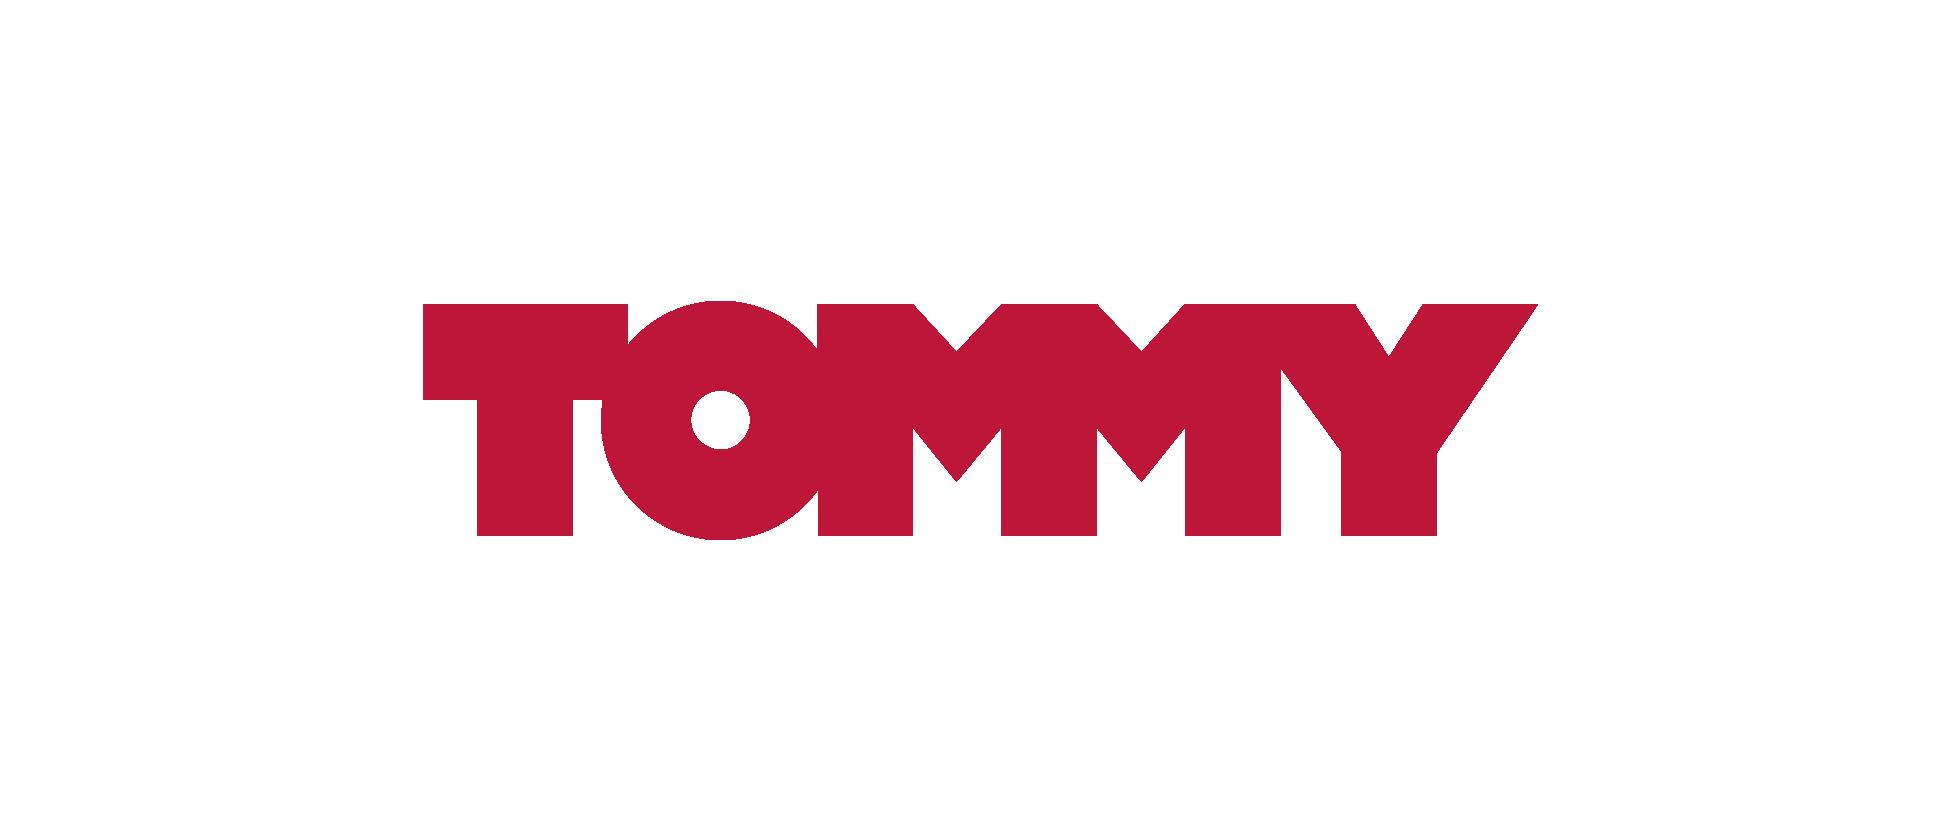 STM21_SPONZORI_CMYK_0005_7